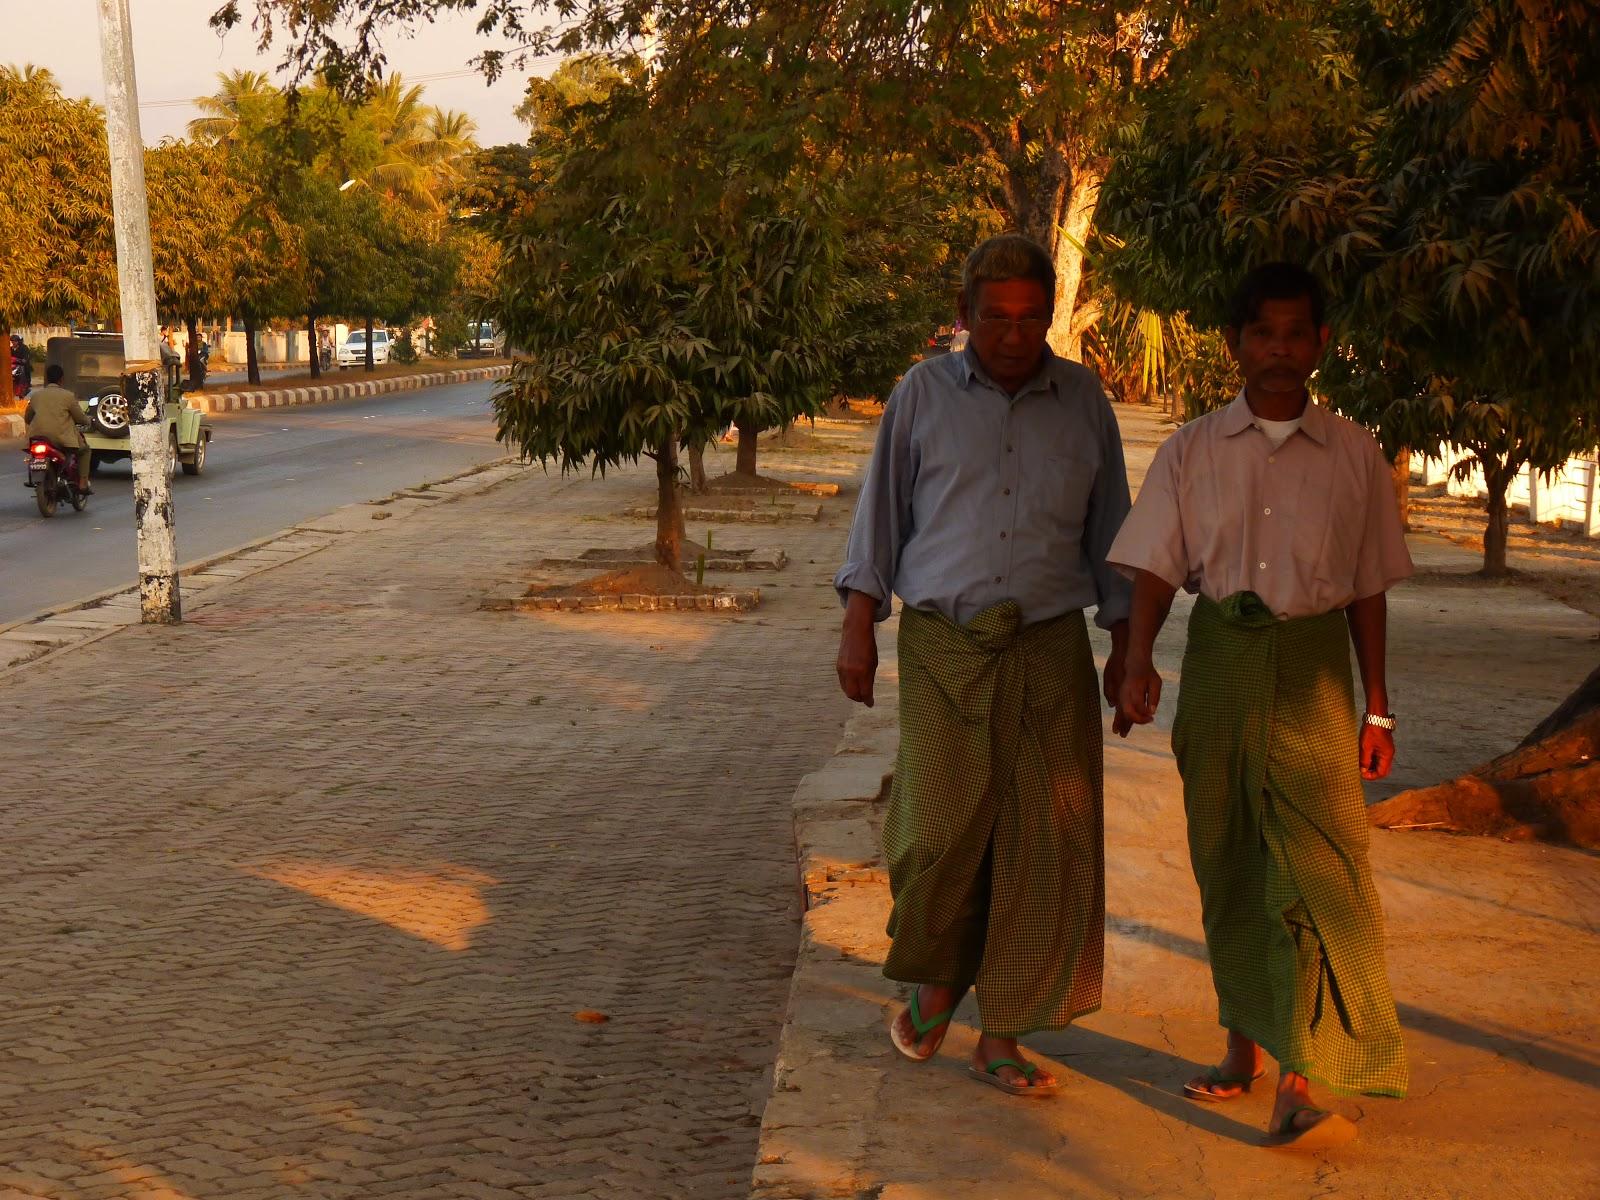 75eb9d0ead Pijama. Primero lo vimos mucho en Camboya. La gente en pijama por la calle